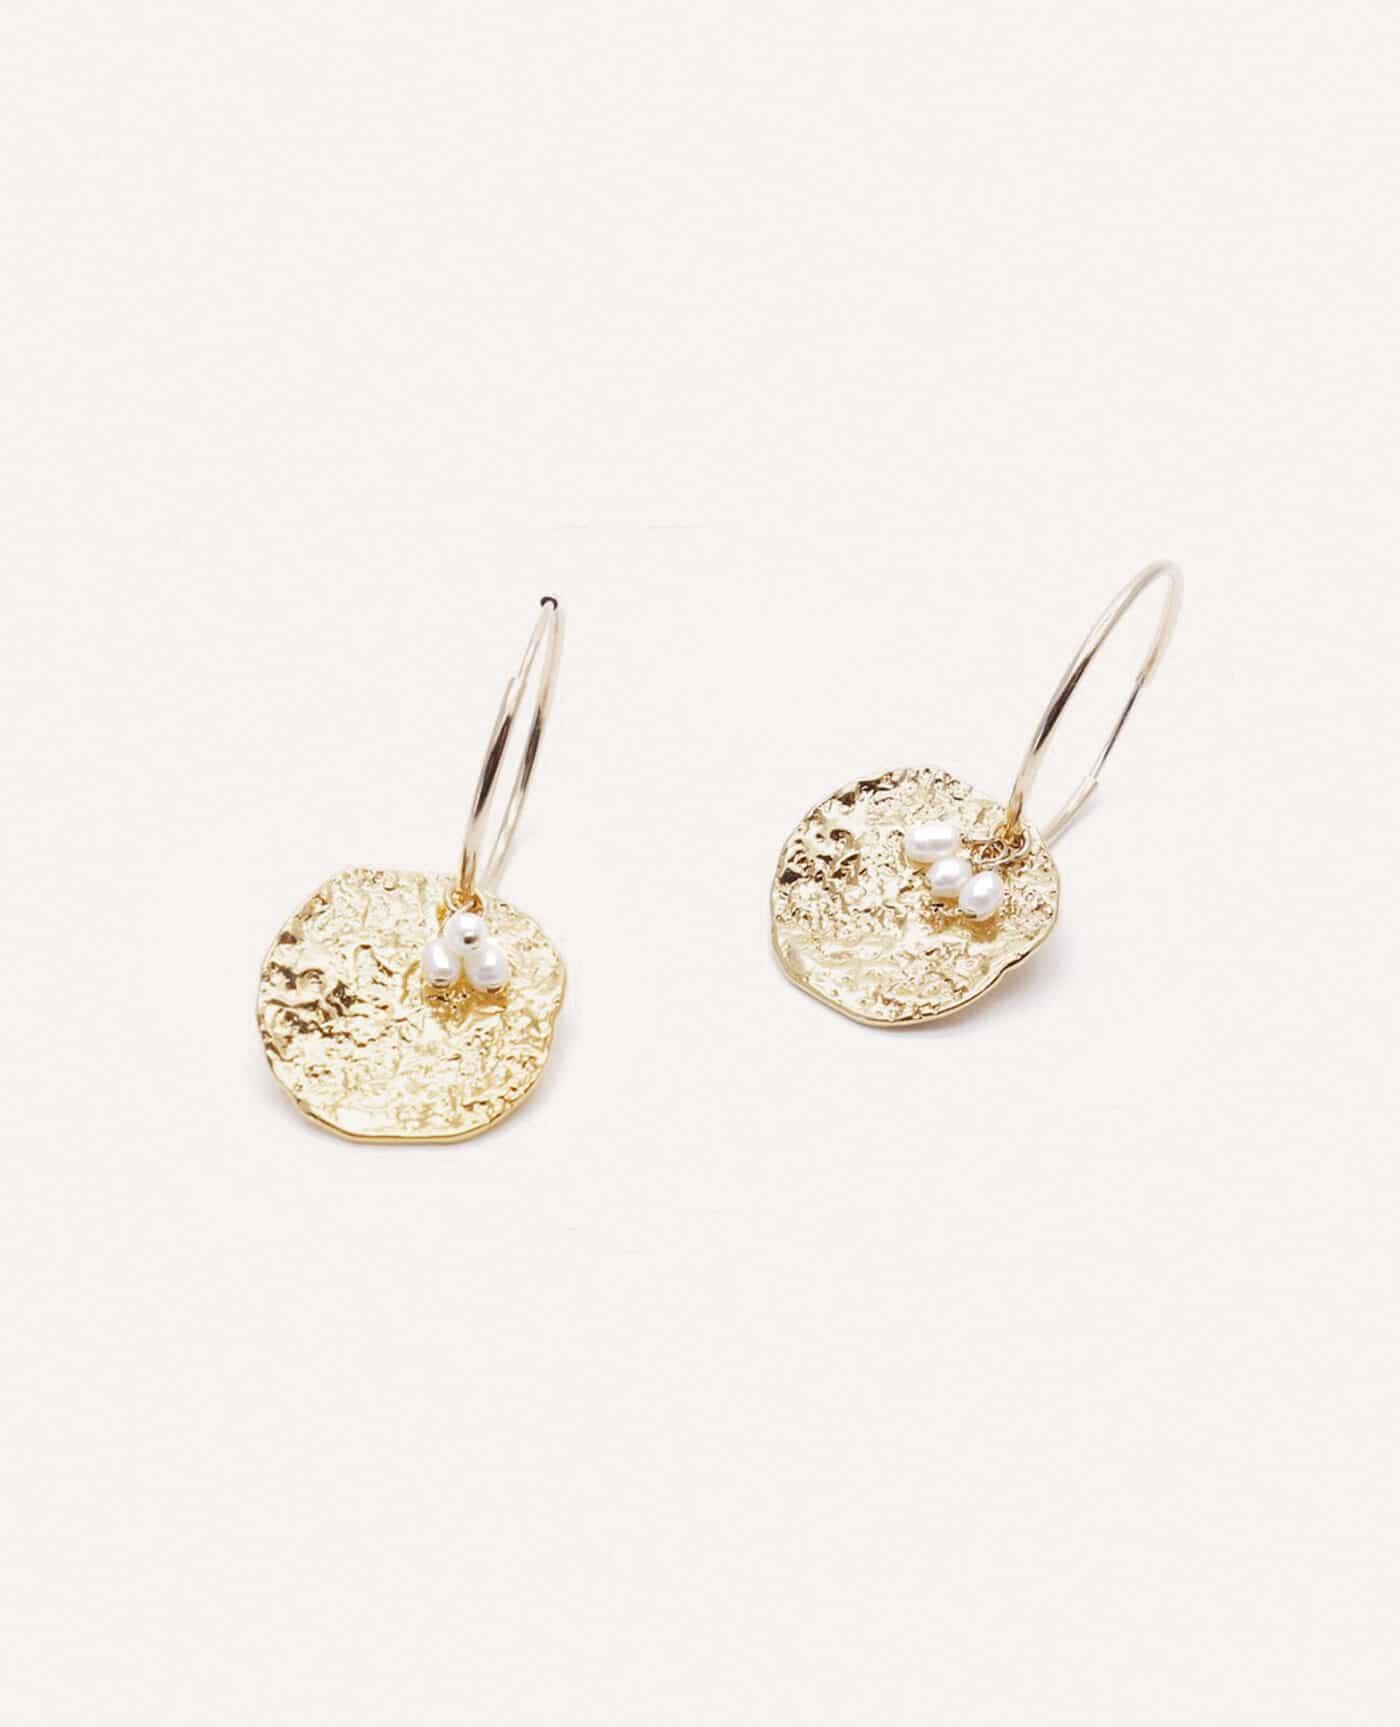 Boucles d'oreilles créoles Rosa en or et perles de la marque Gisel B made in france